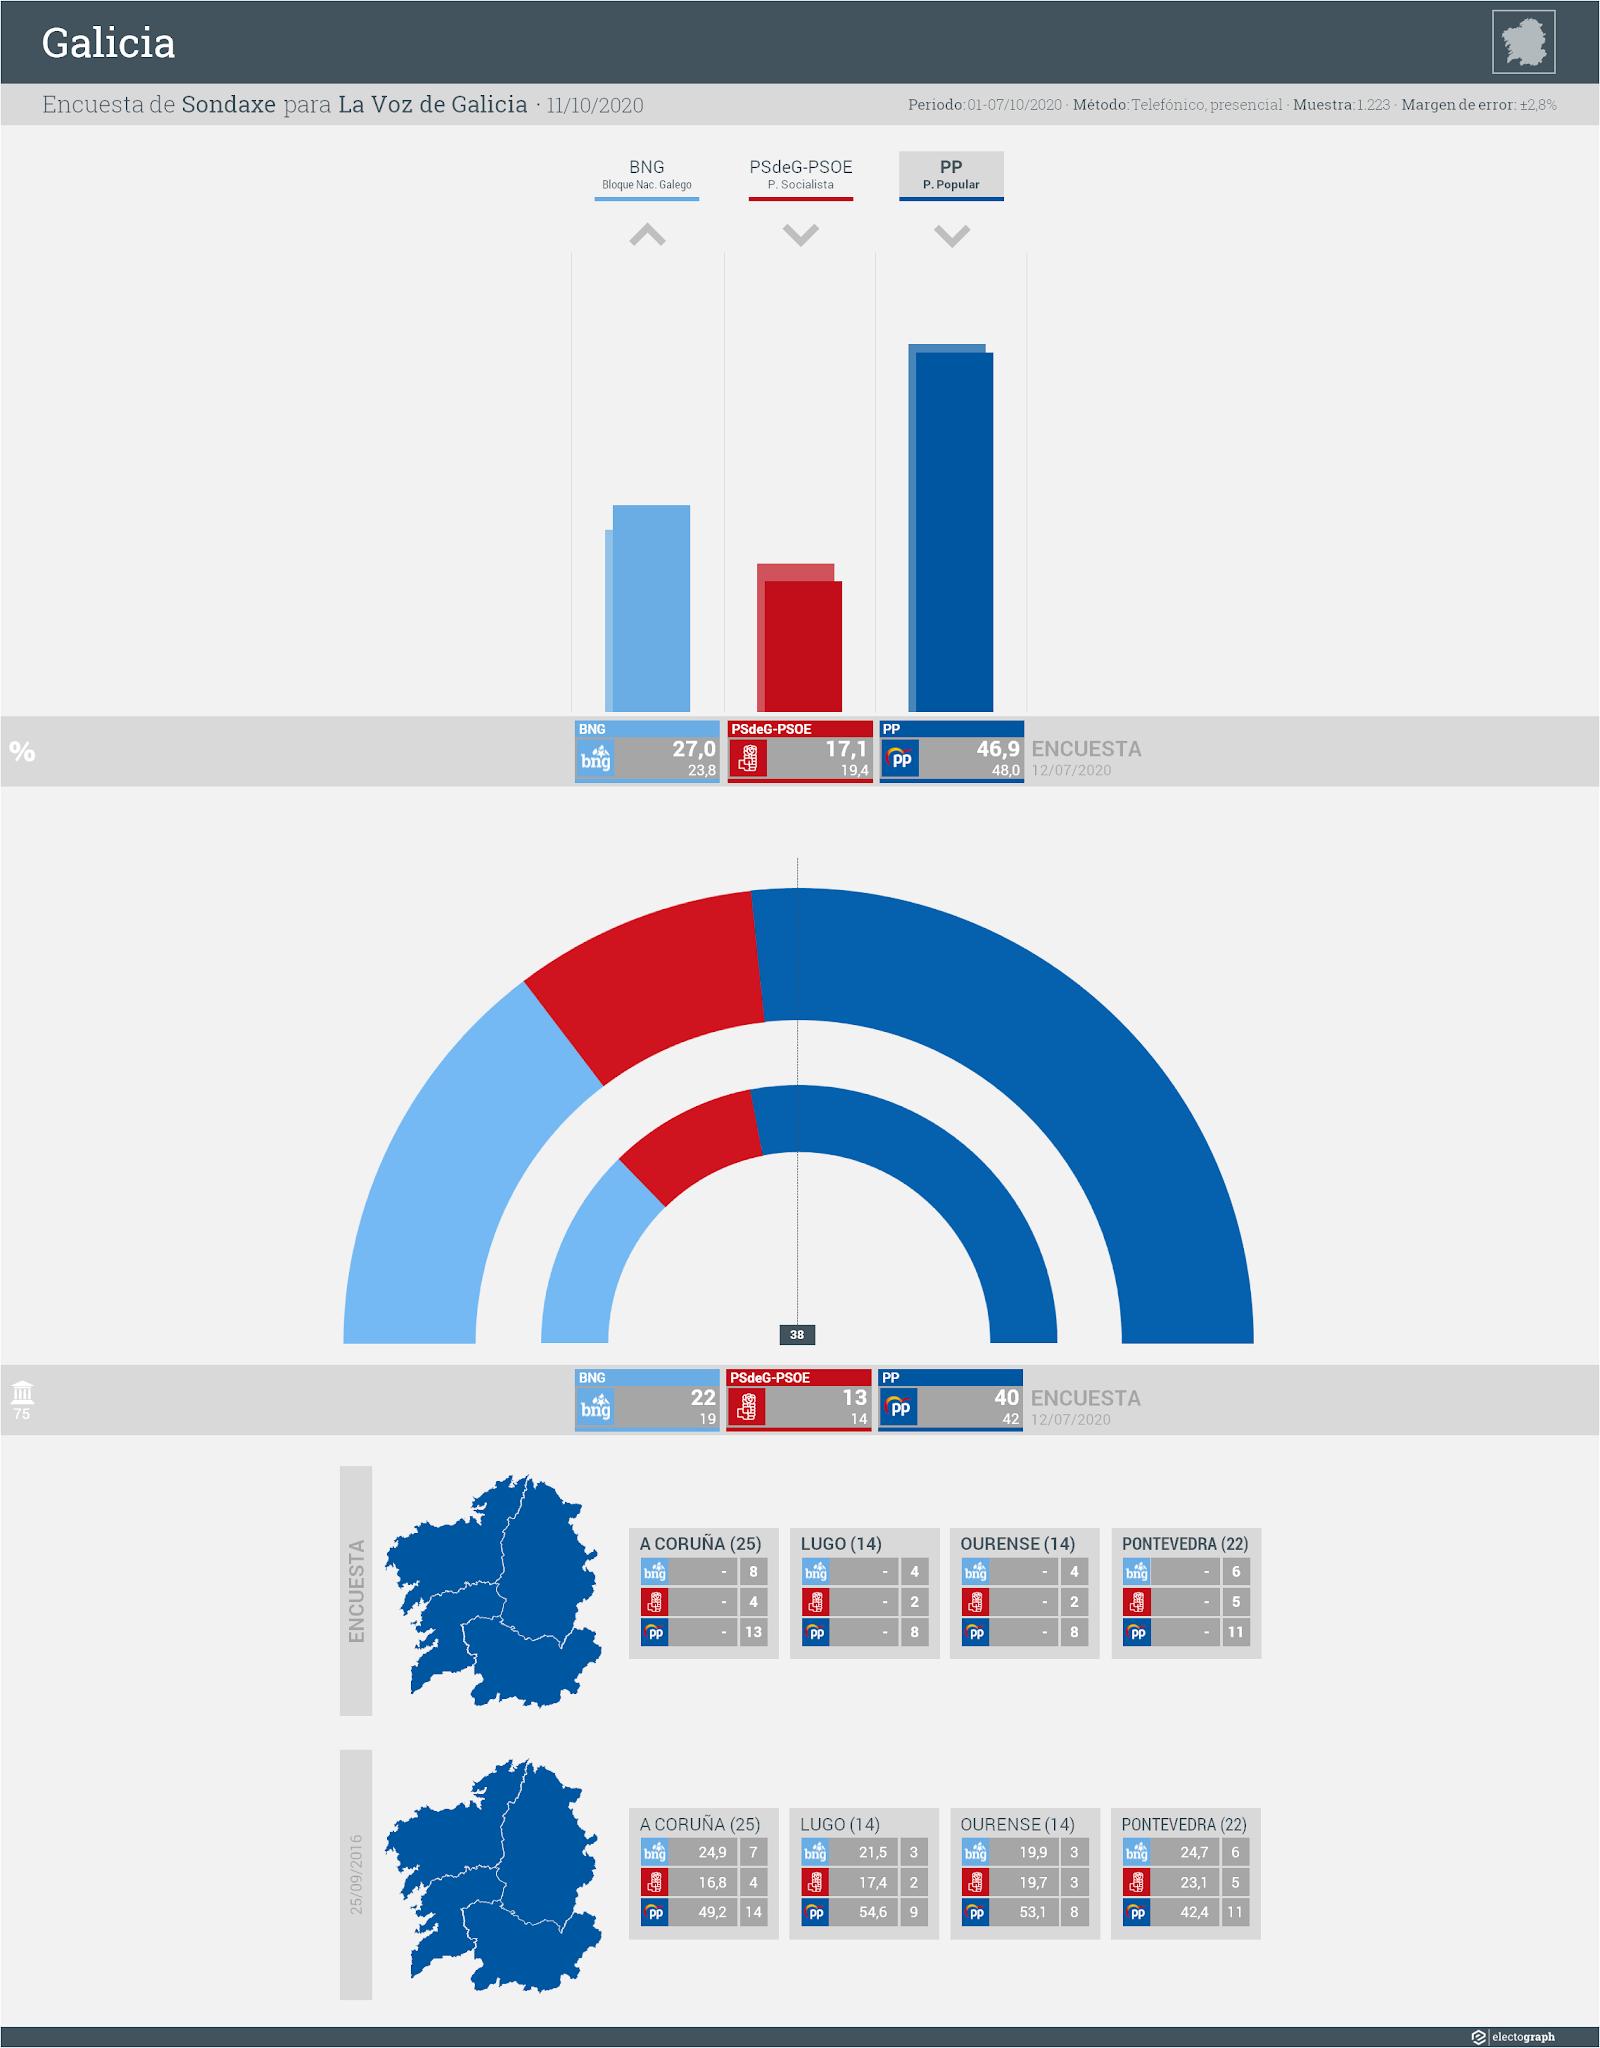 Gráfico de la encuesta para elecciones autonómicas en Galicia realizada por Sondaxe para La Voz de Galicia, 11 de octubre de 2020